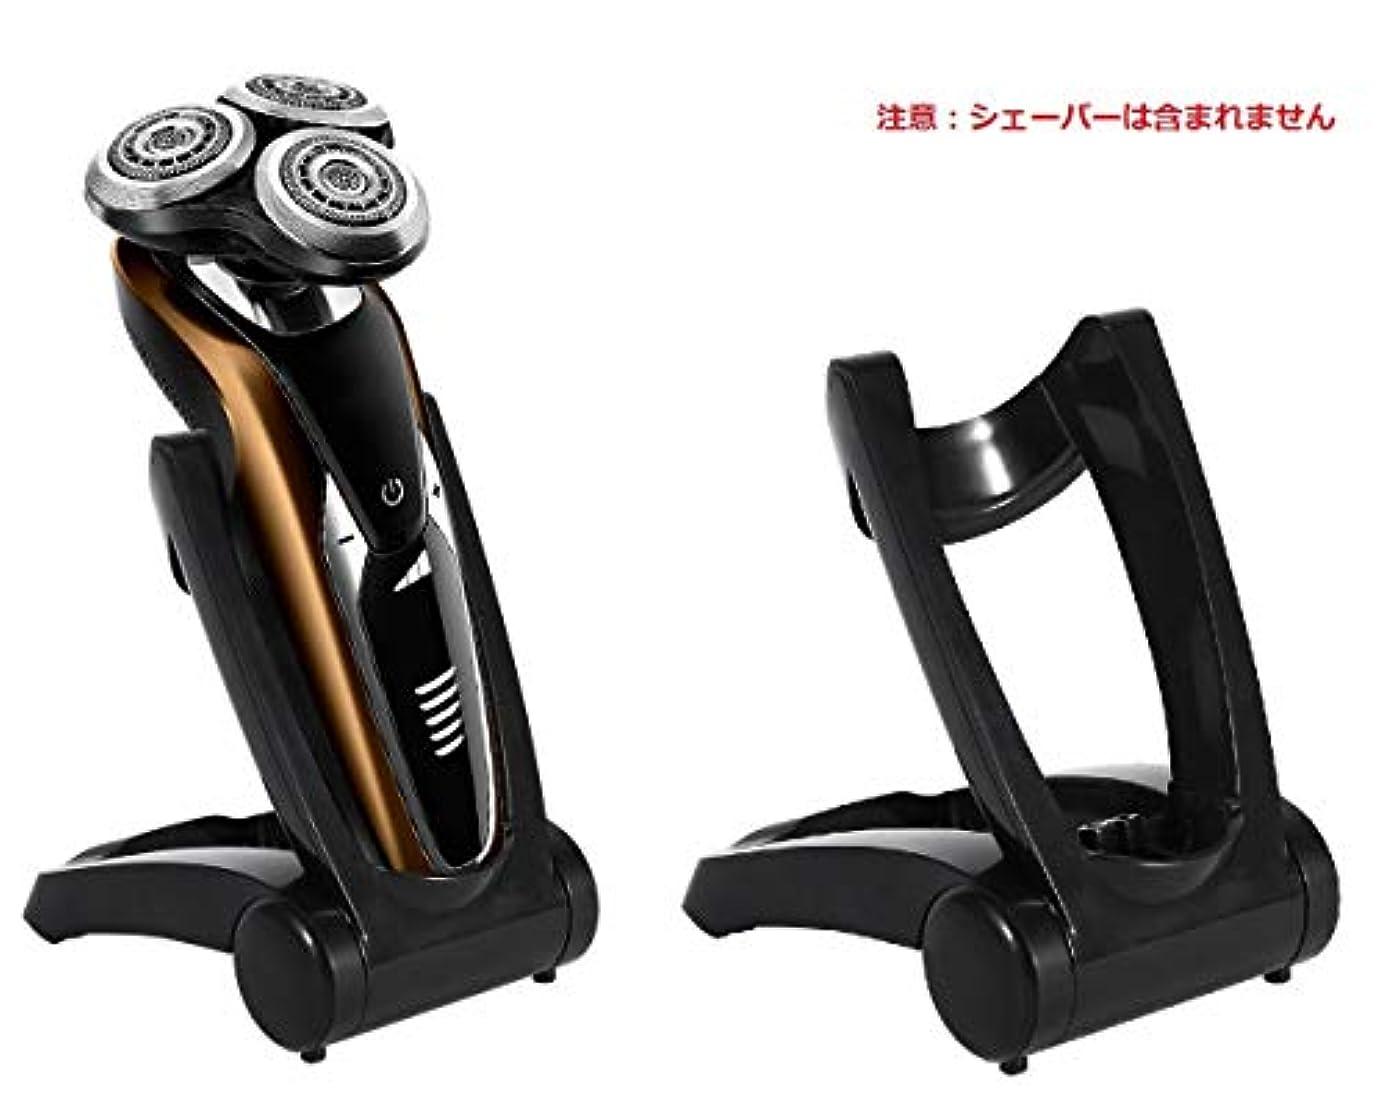 報酬足枷発掘Keepjoy. 充電スタンド PHILIPS 適用 シェーバーベース 電動シェーバーホルダー 折りたたみ BY-310/330/1298/RQ1150に適用 持ちやすい スタンド シェービング ABS